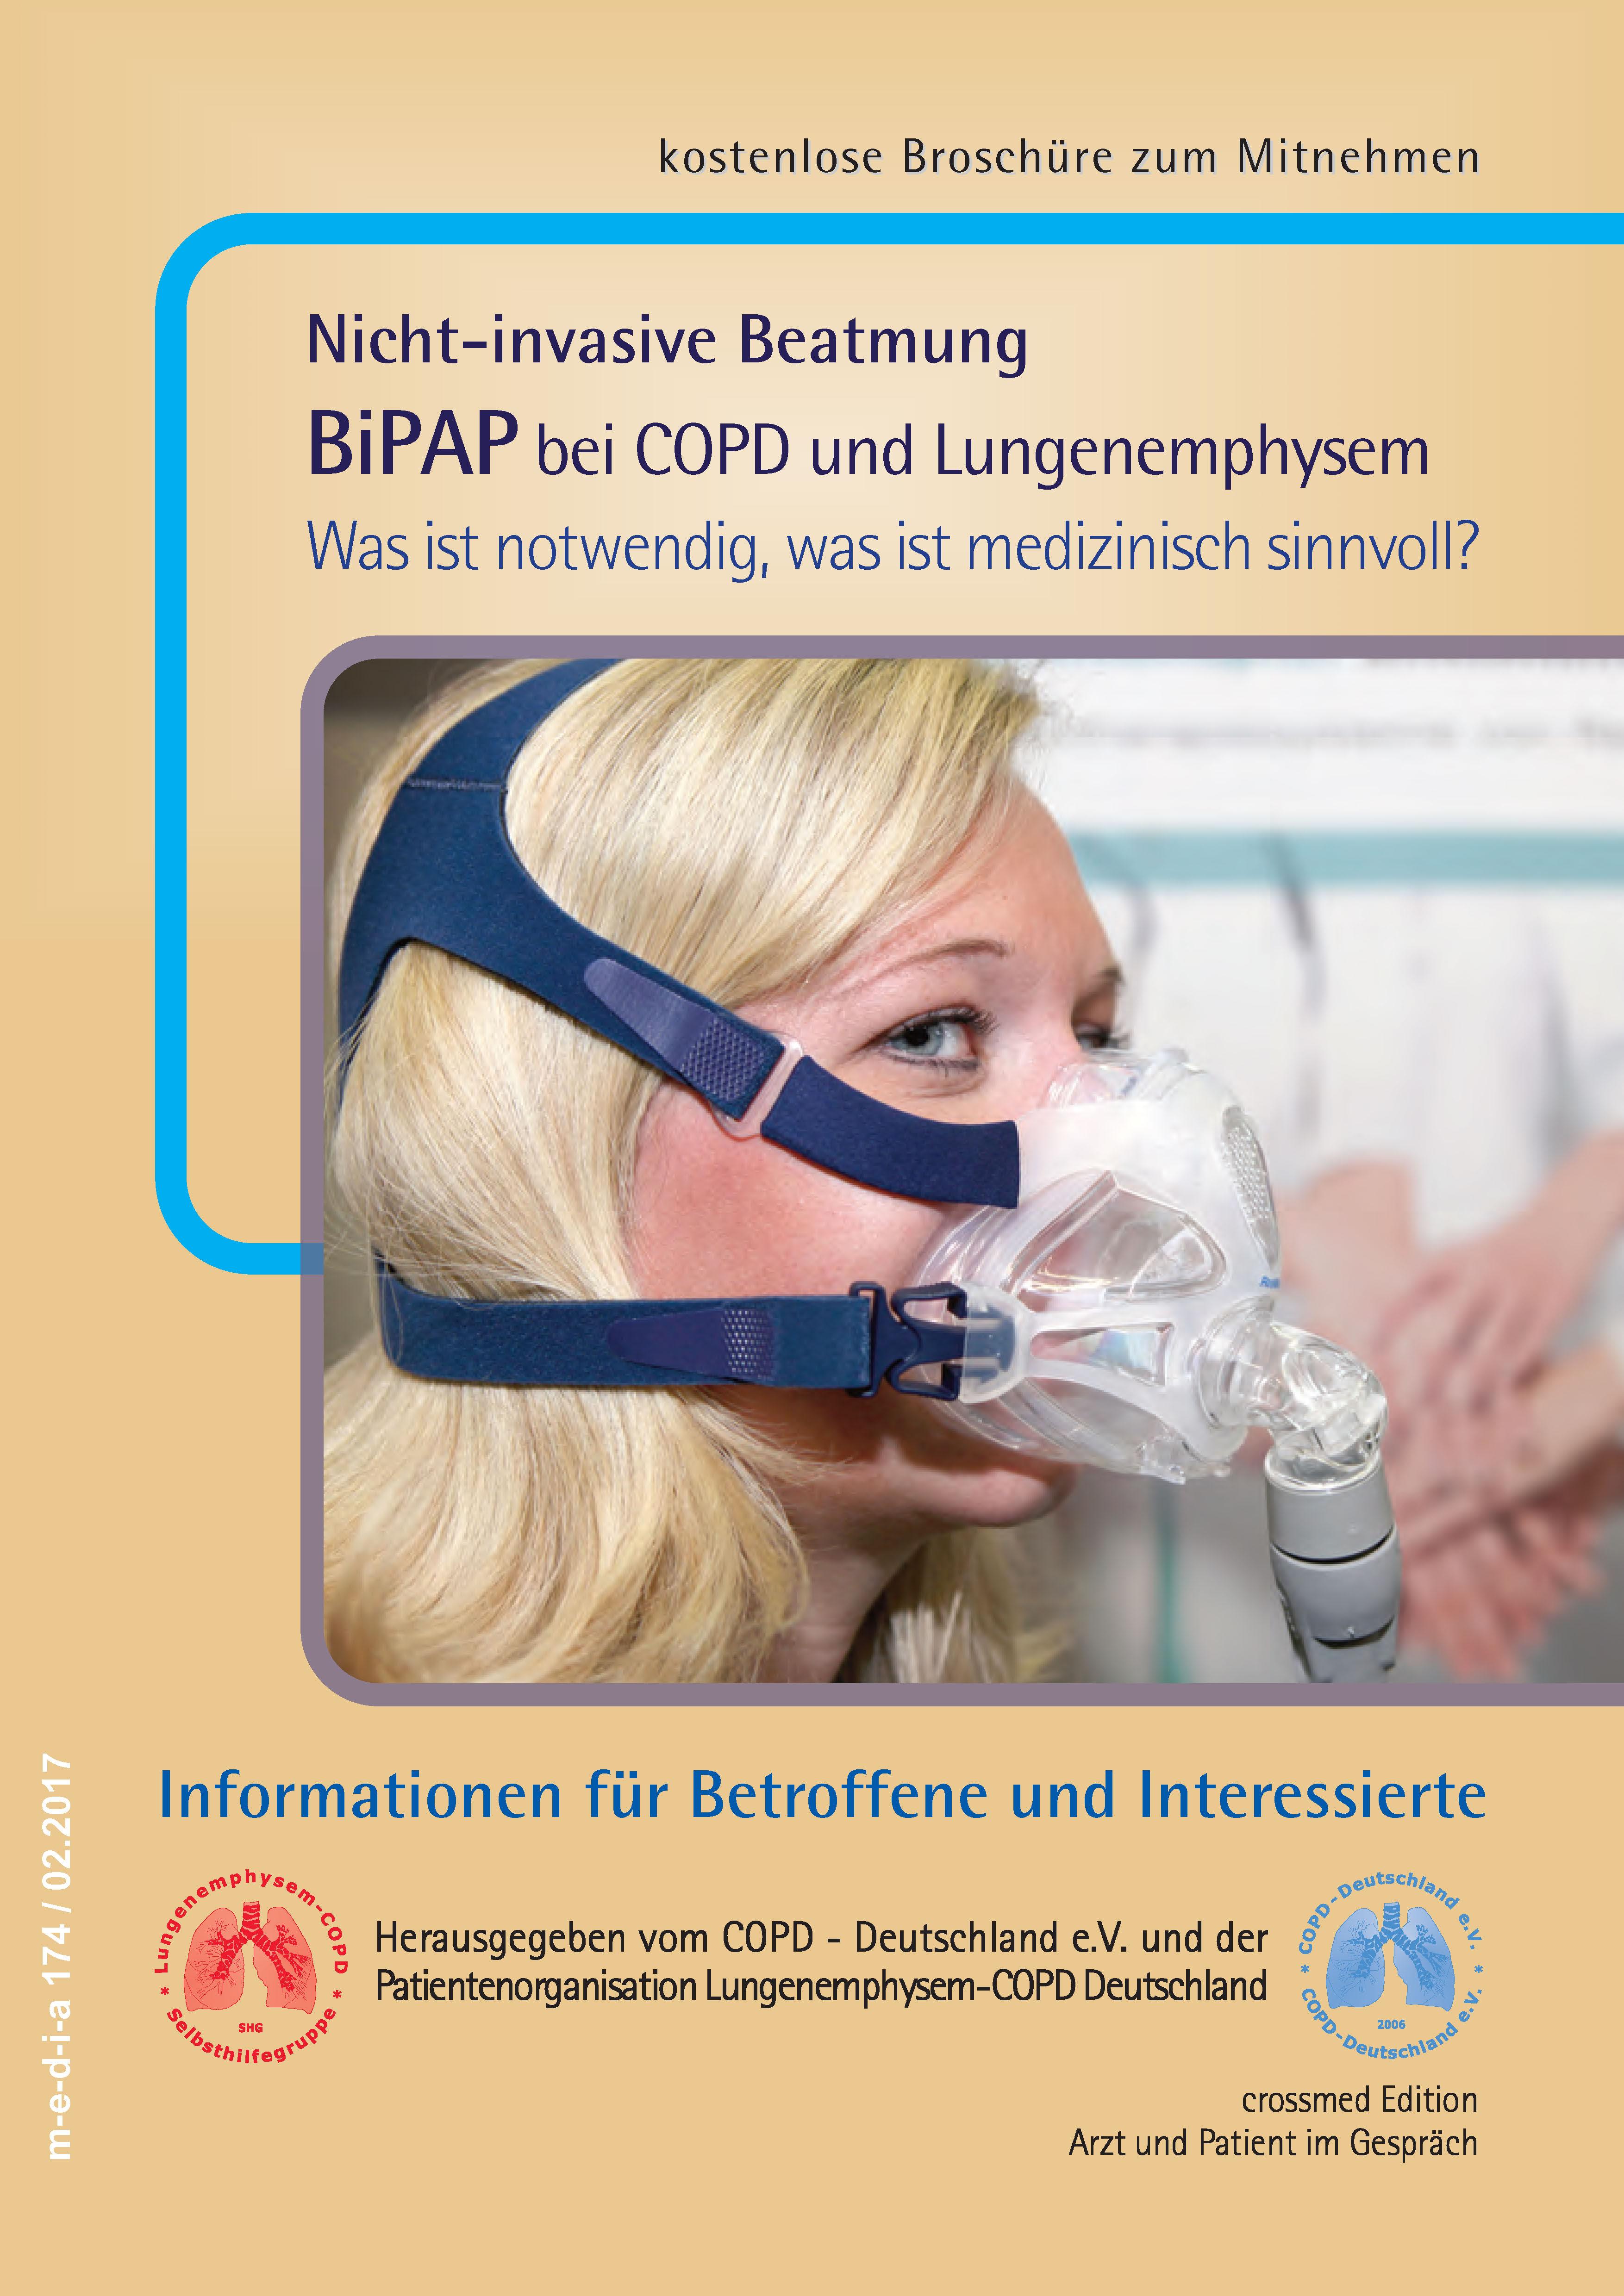 Broschüre für COPD Patienten